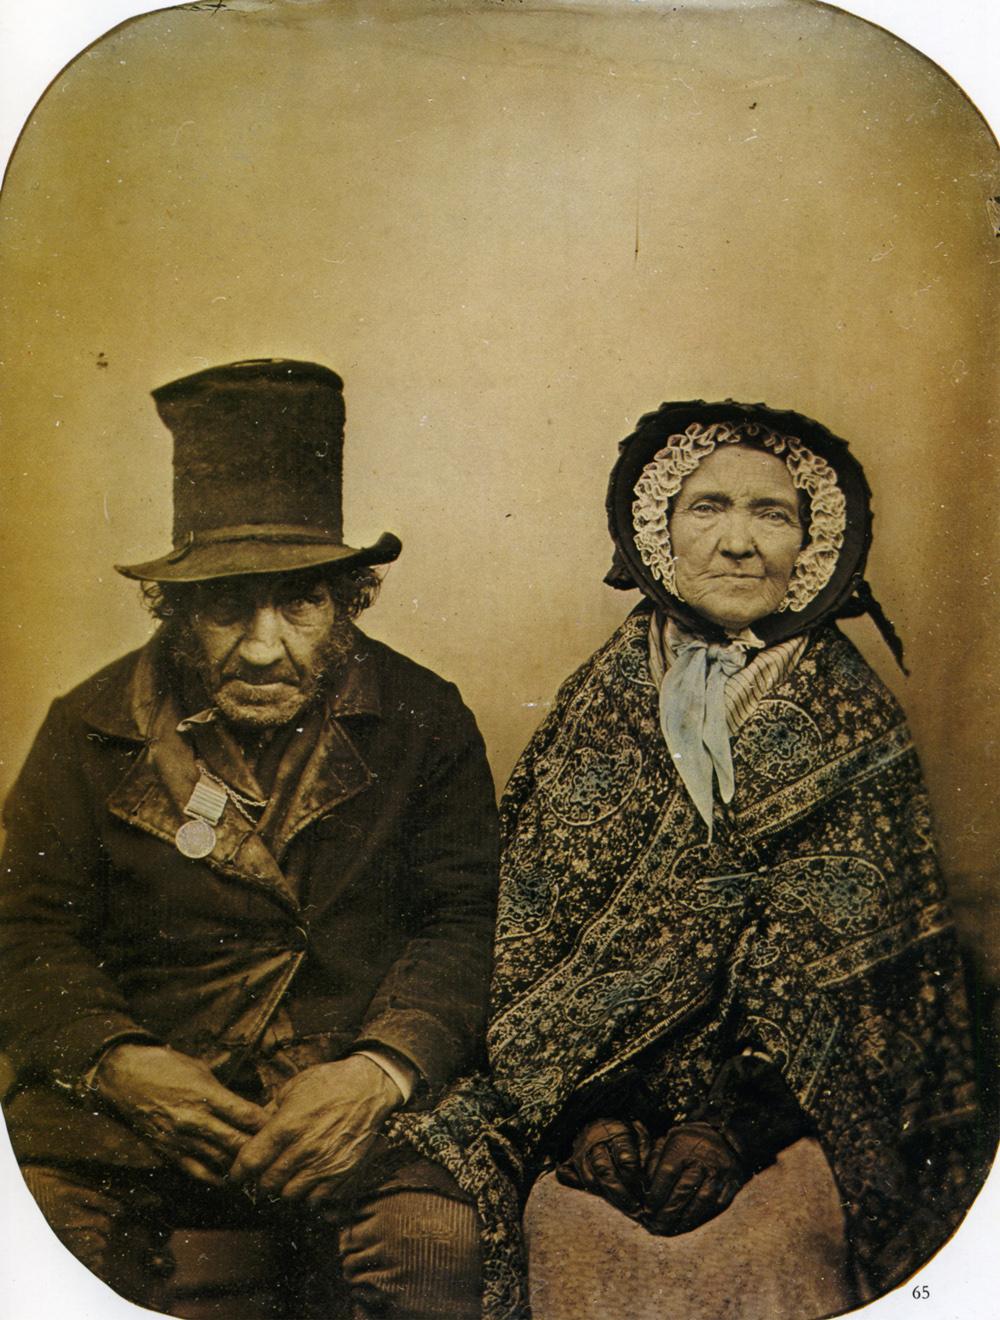 Veterano de guerra y su mujer (fotógrafo anónimo, 1860)